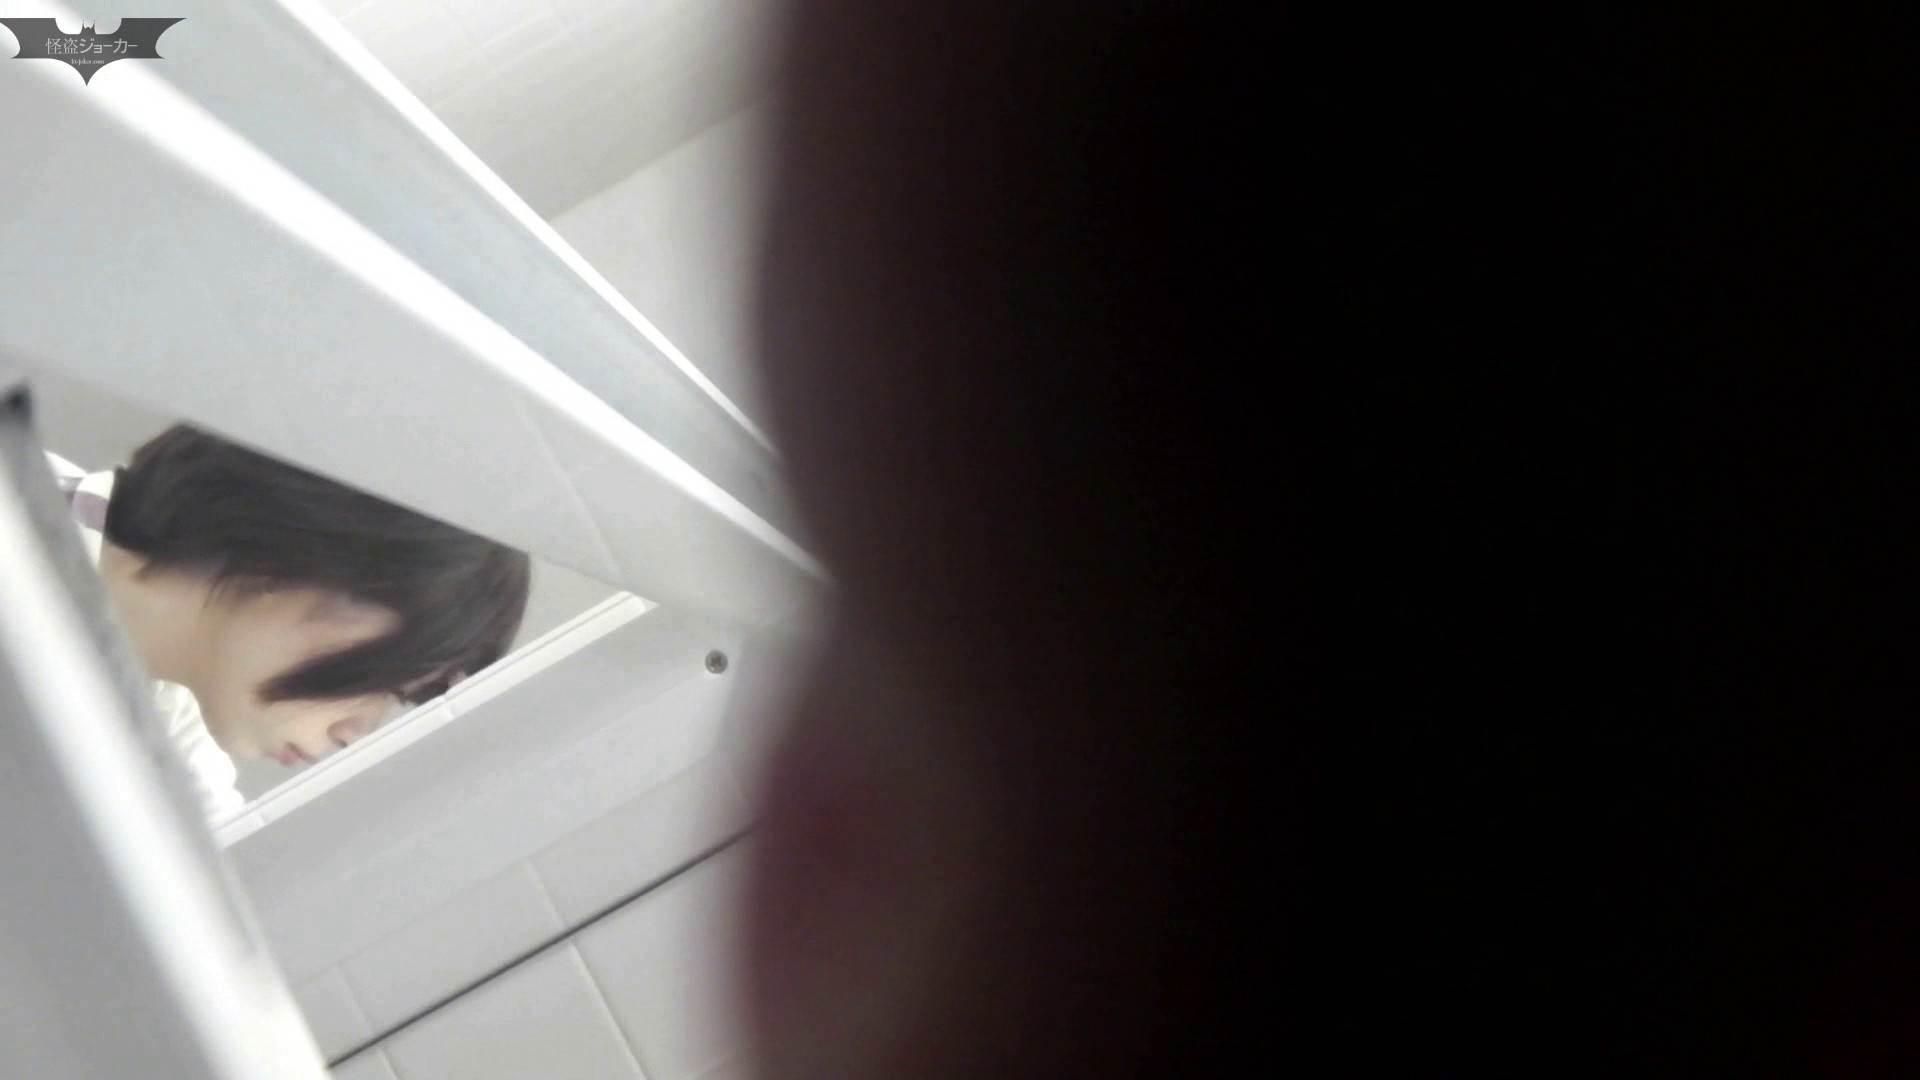 お銀さんの「洗面所突入レポート!!」 vol.53 冬到来!美女も到来! 美女達のヌード   洗面所着替え  91連発 73